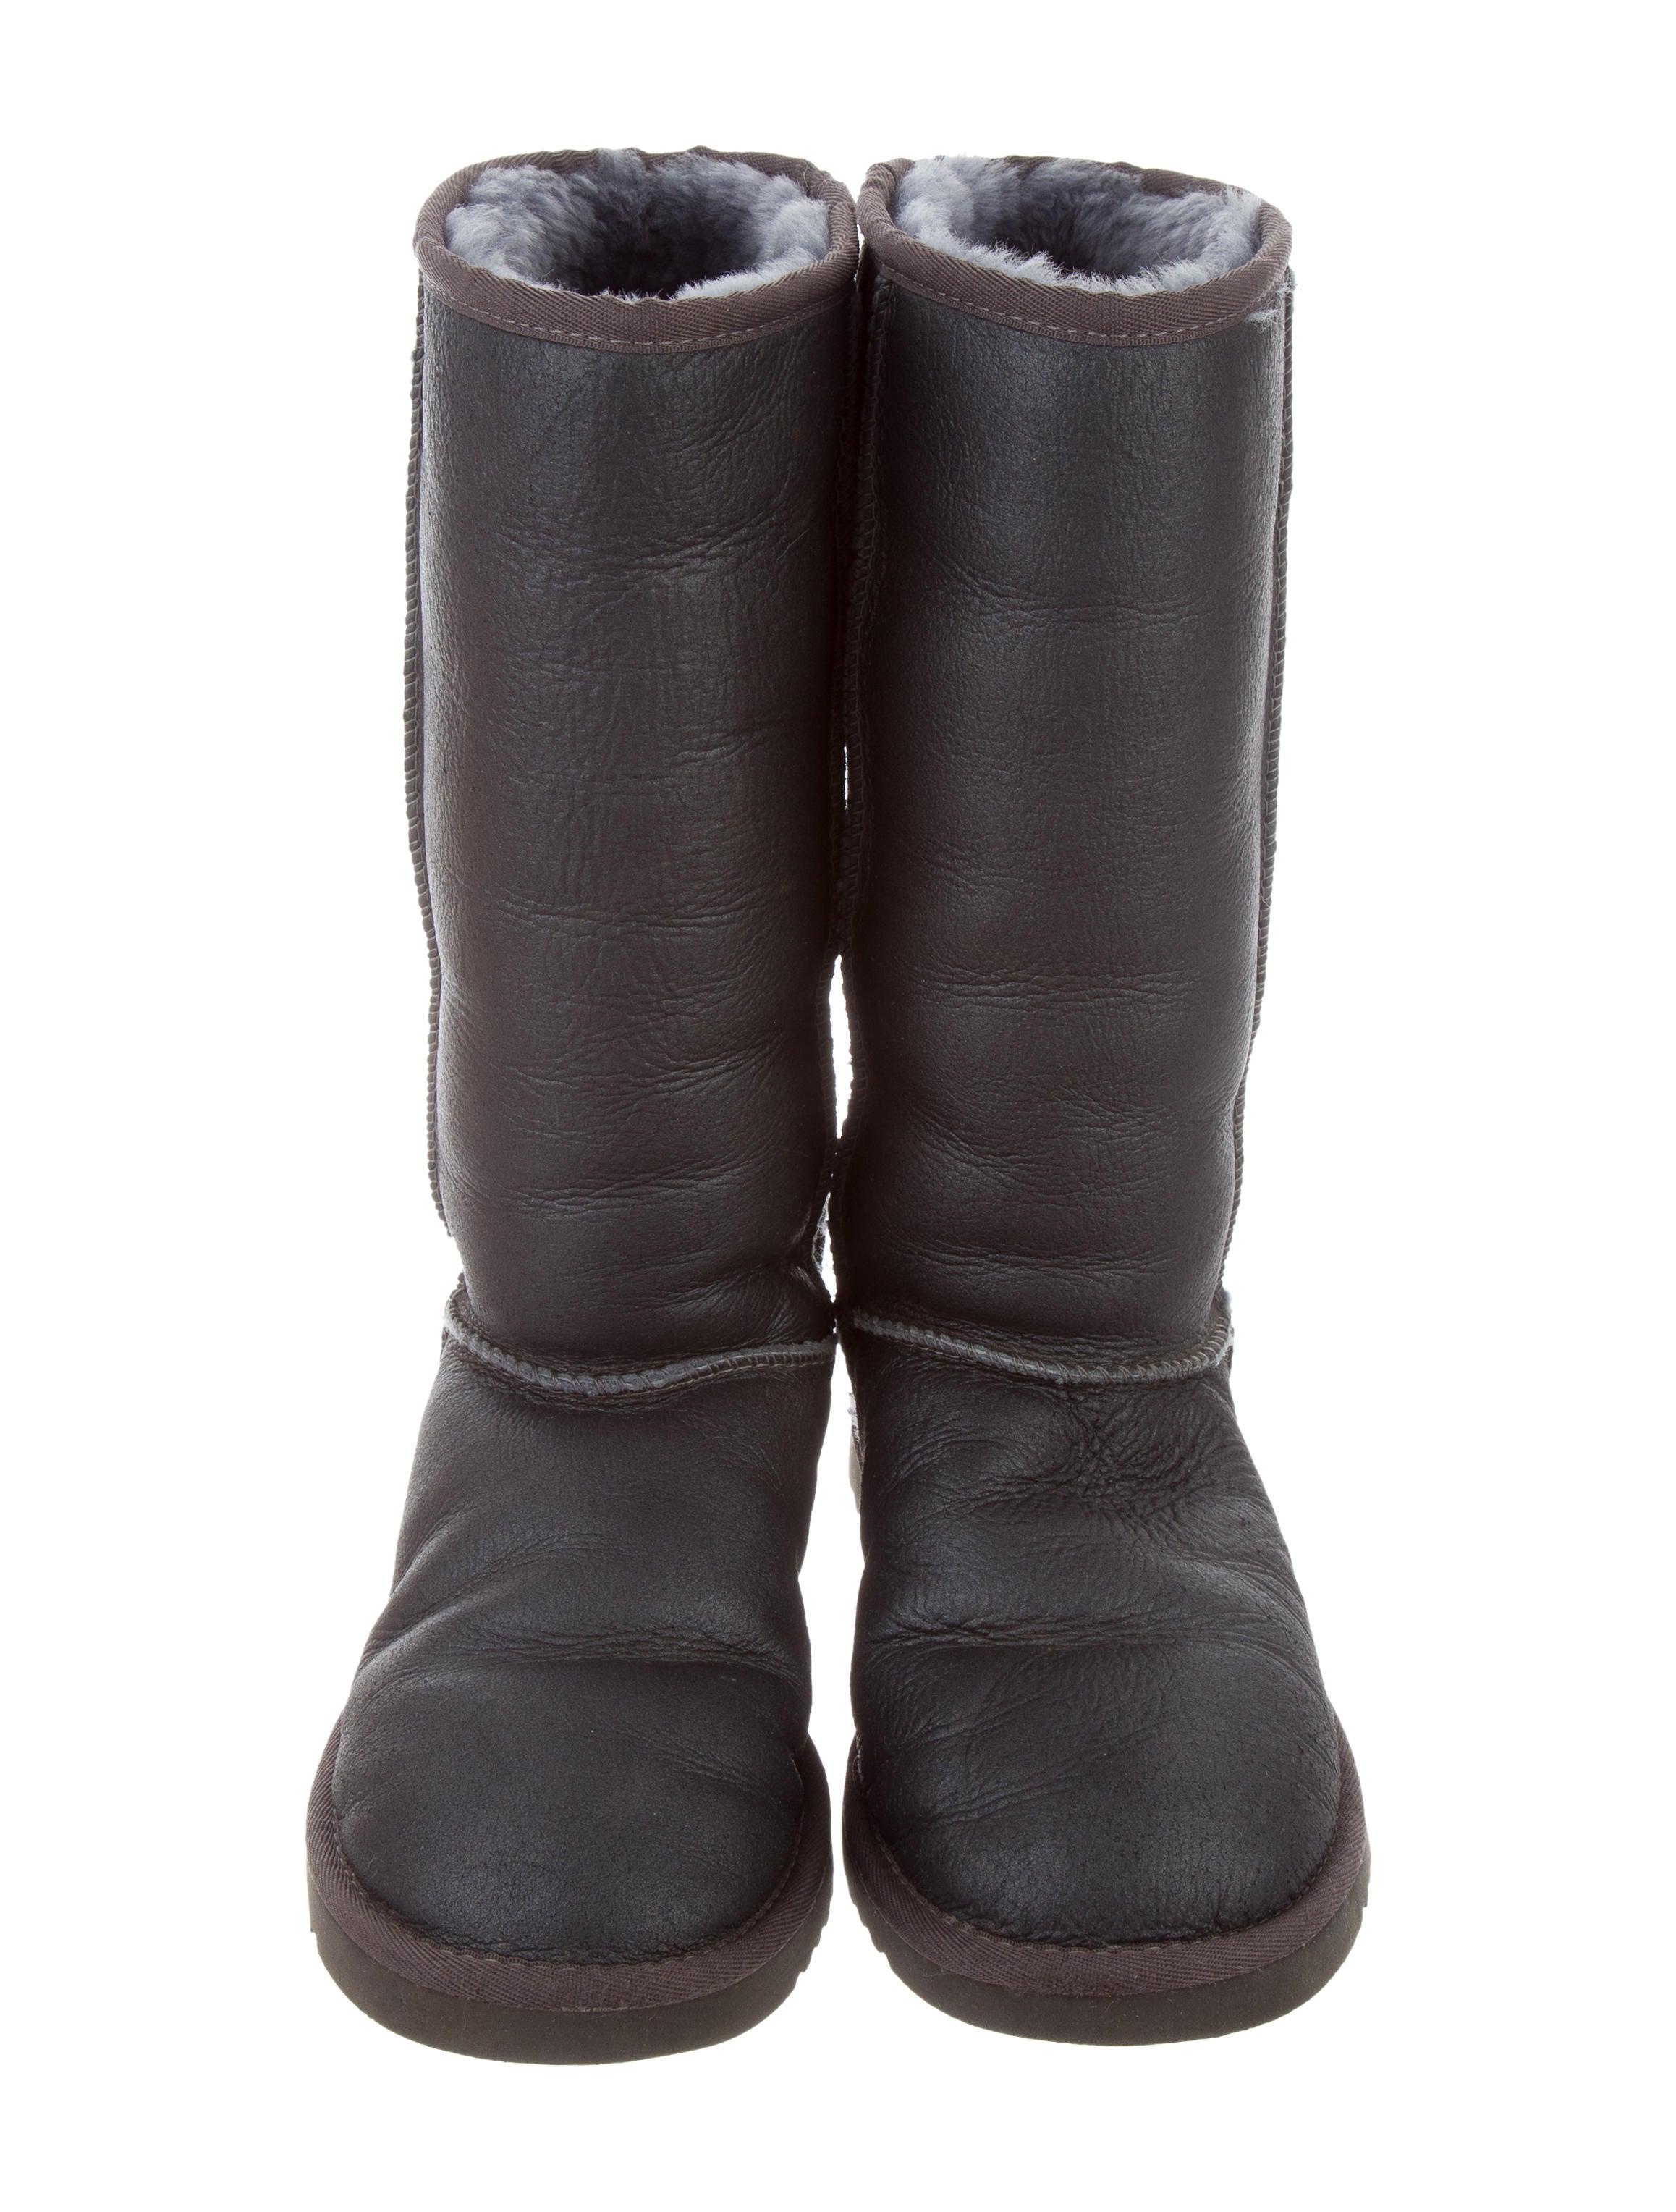 Metallic Classic Tall Boots